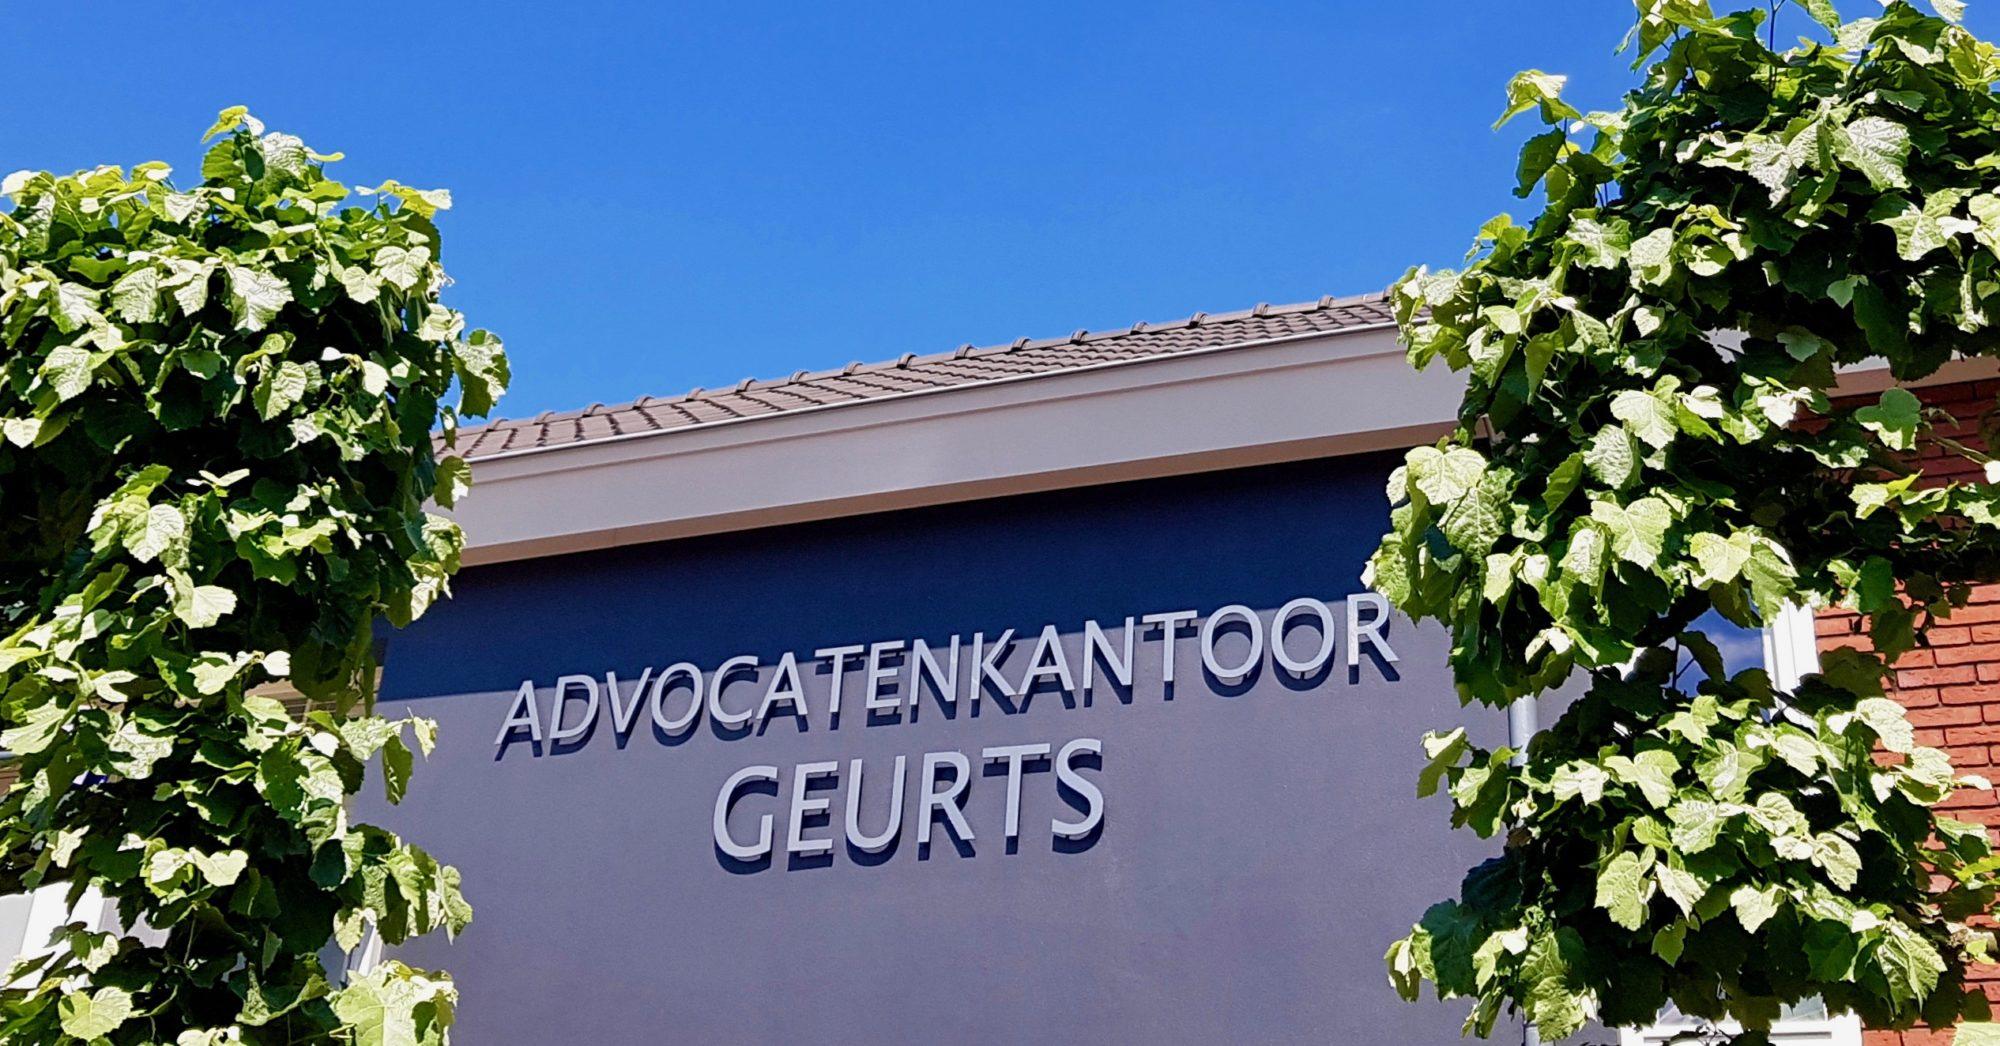 Advocatenkantoor Geurts